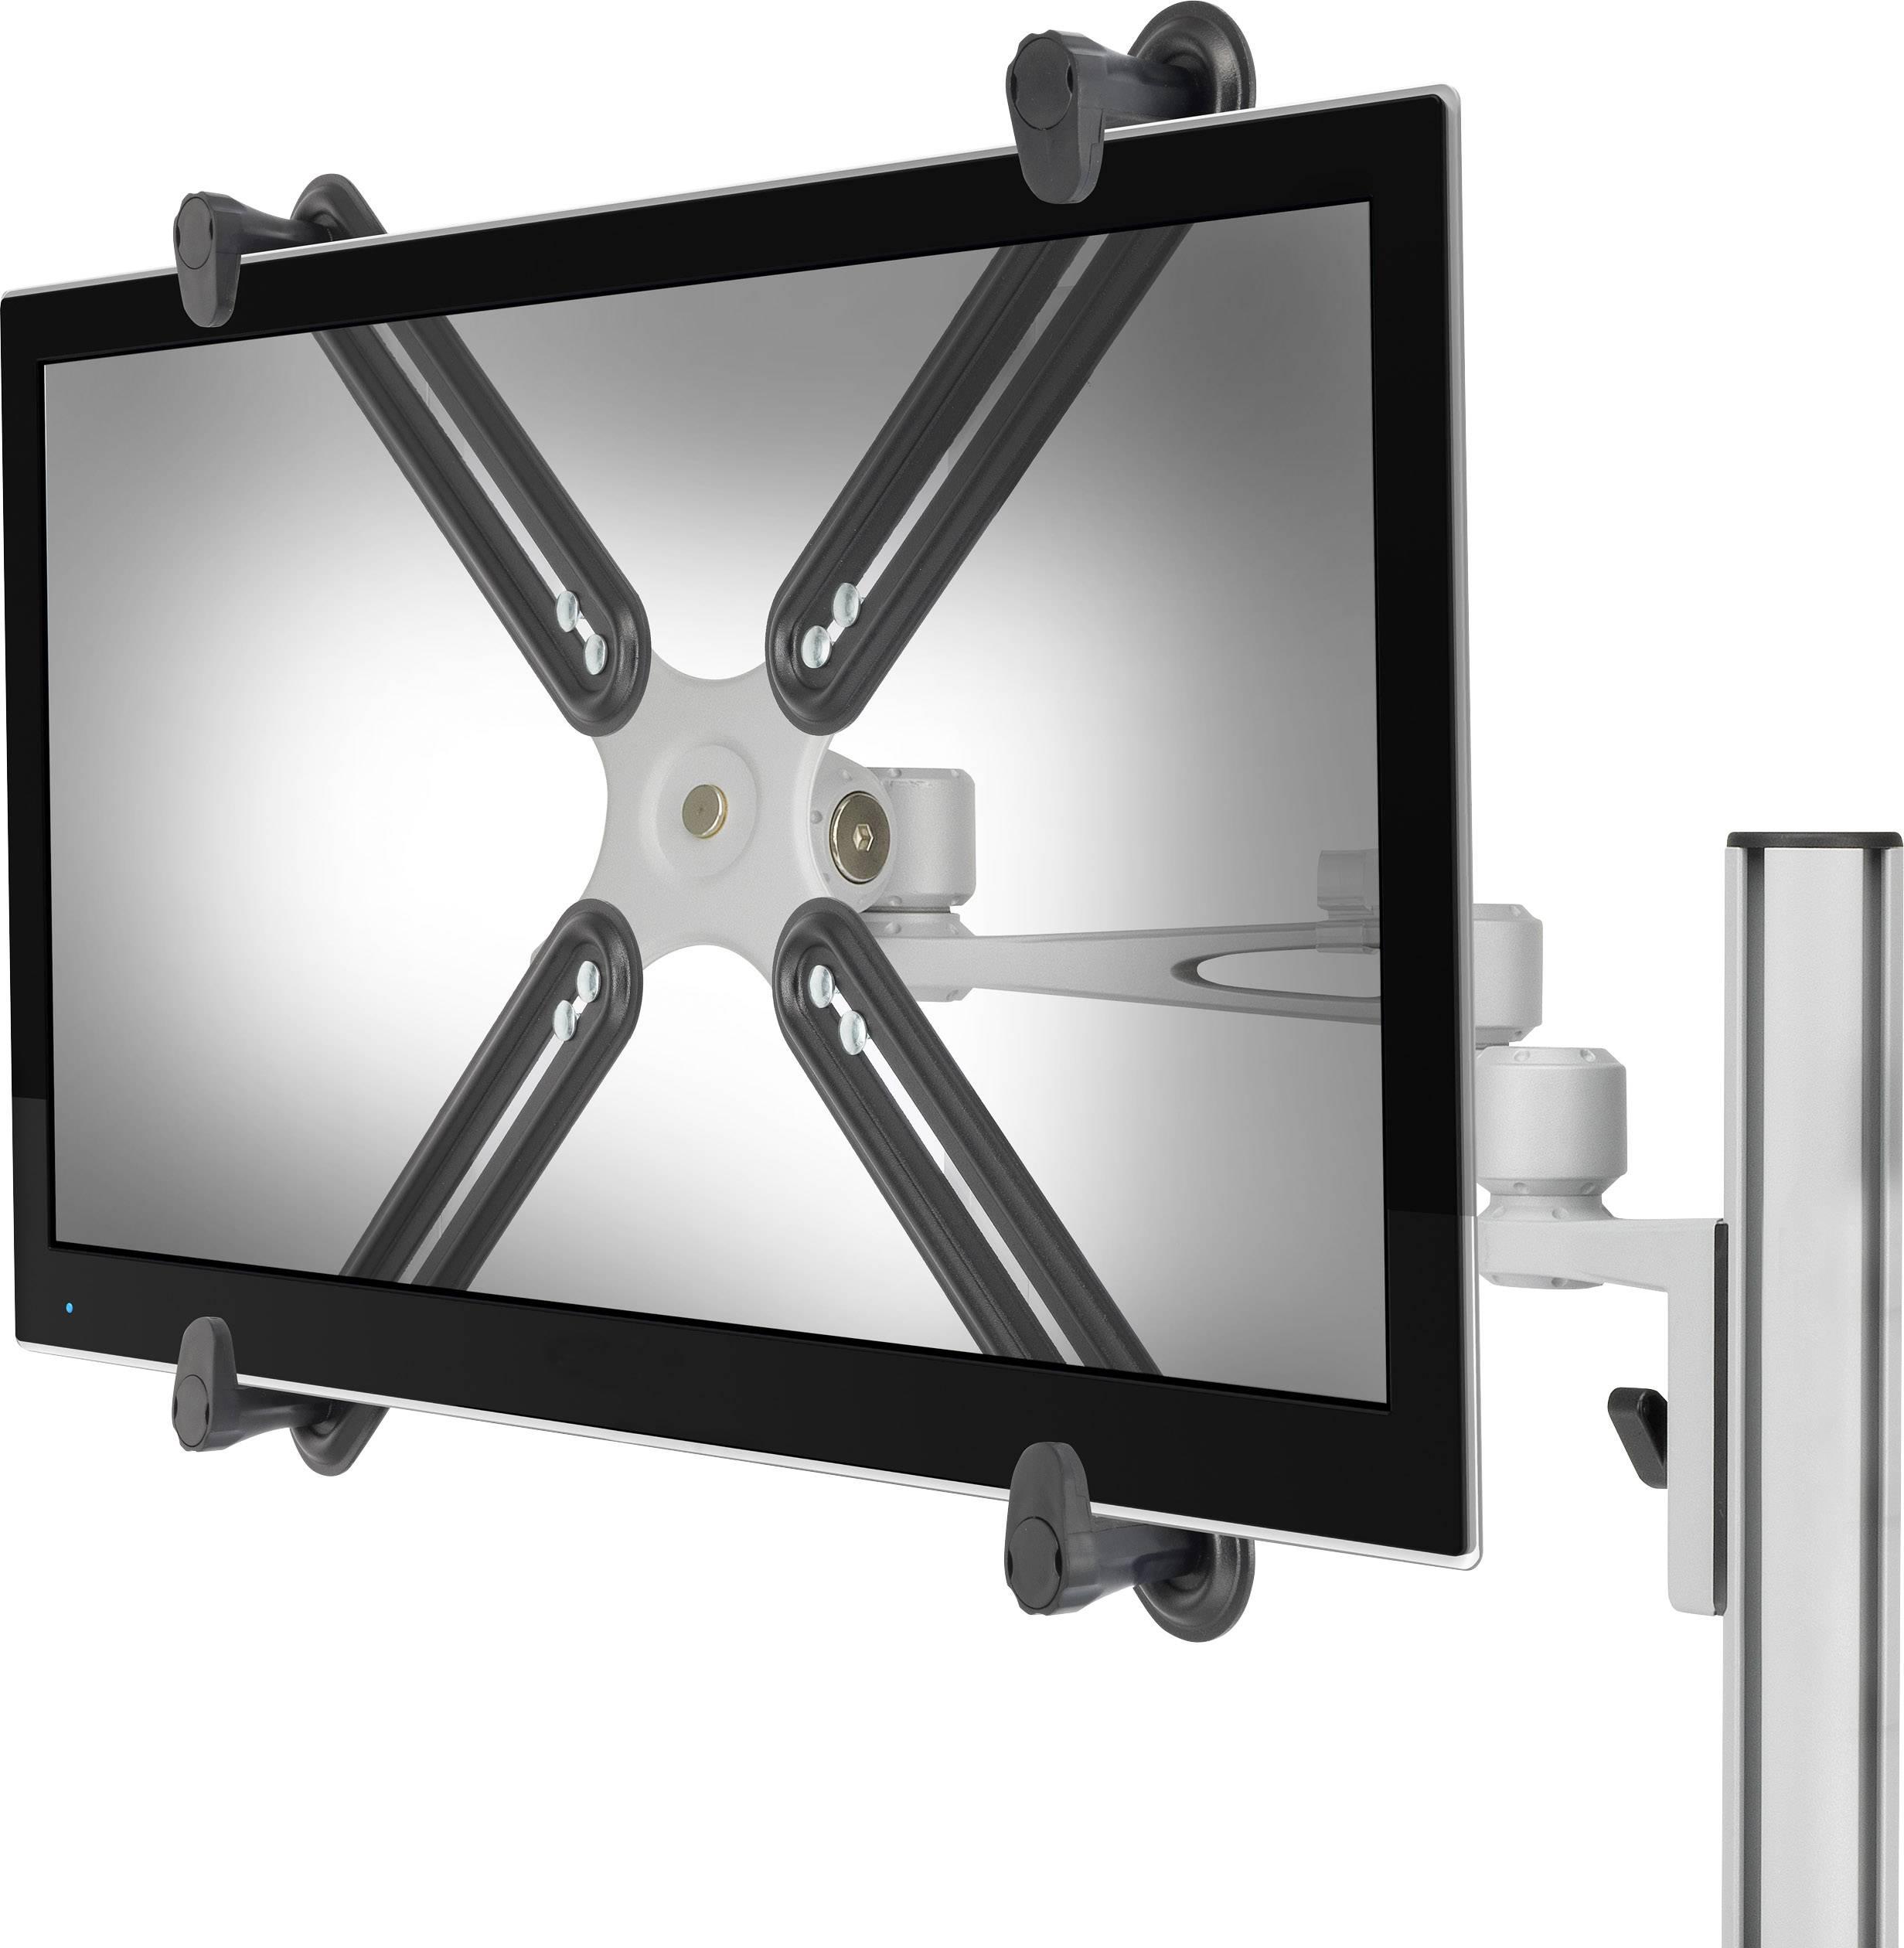 VESA adaptér SpeaKa Professional SP-5986120 vhodný pre/na Universal, čierna